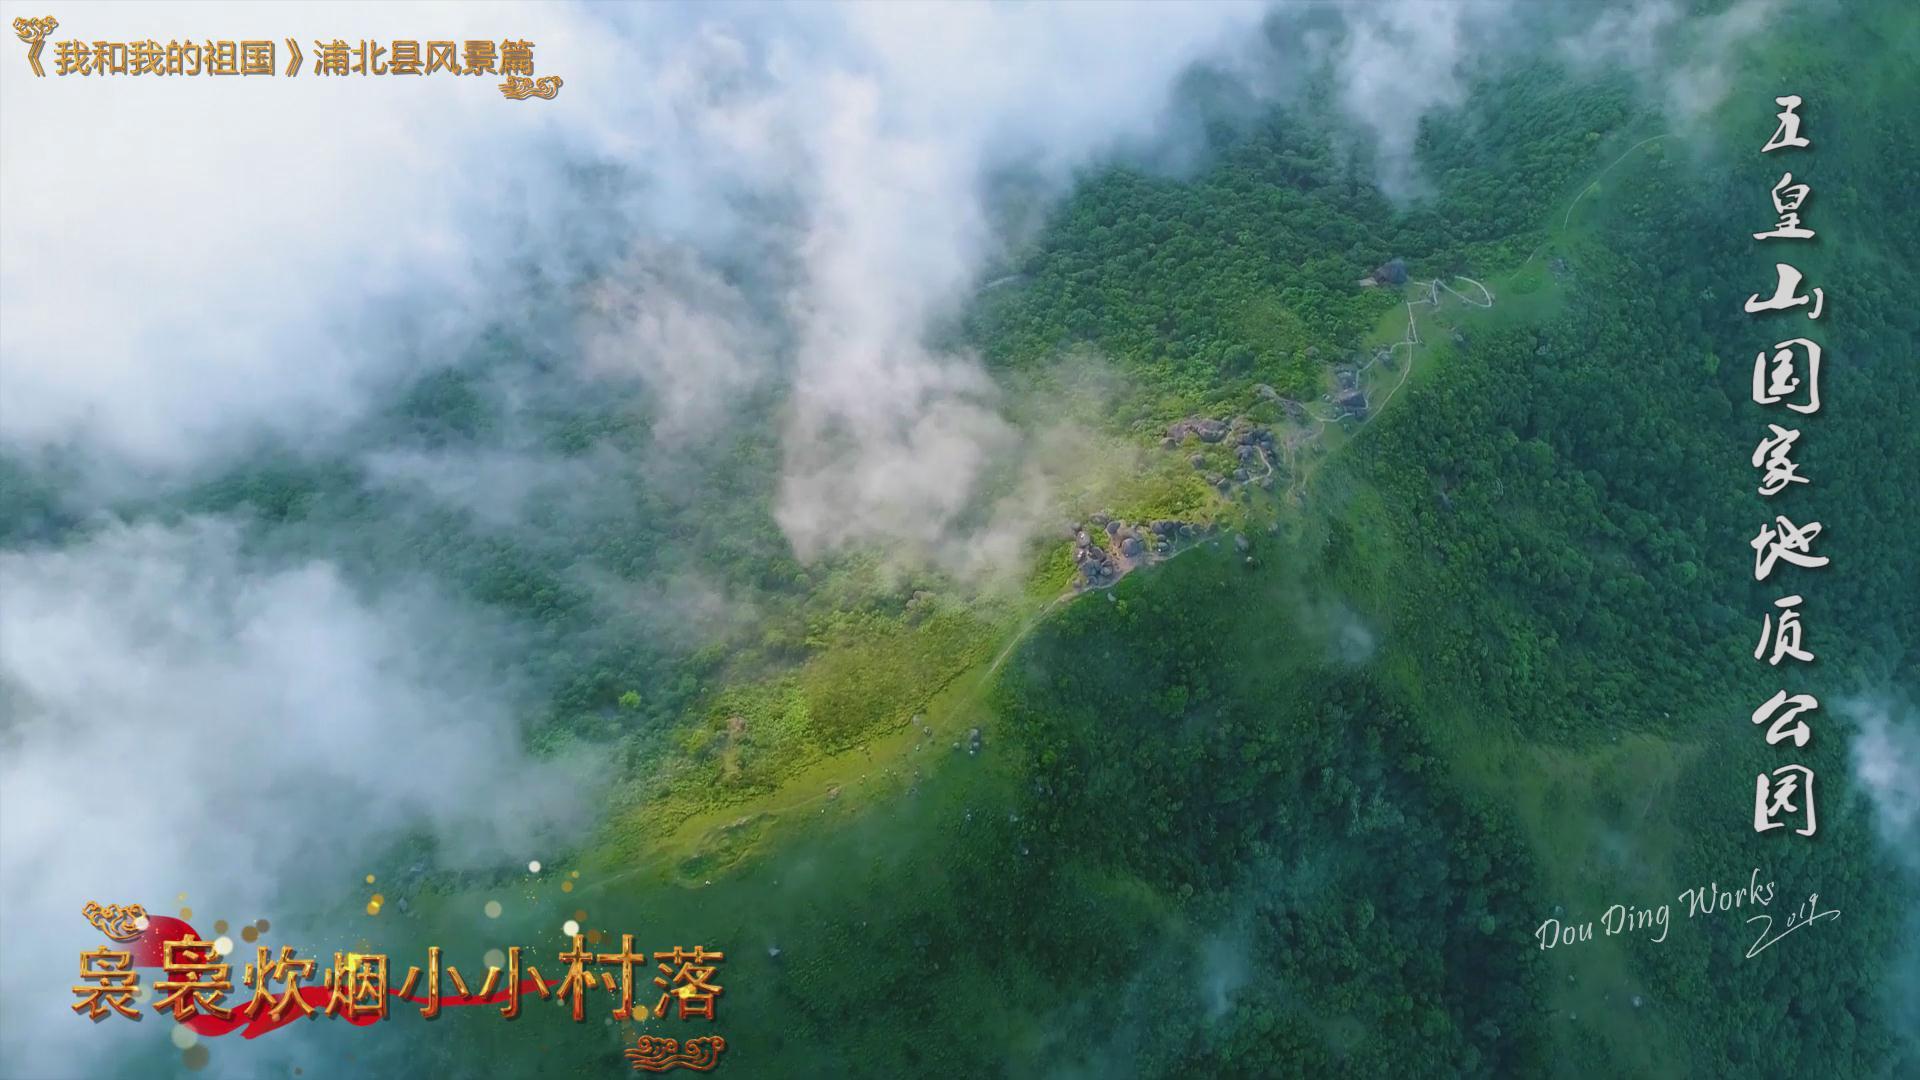 《我和我的祖国》浦北县风景篇7.jpg